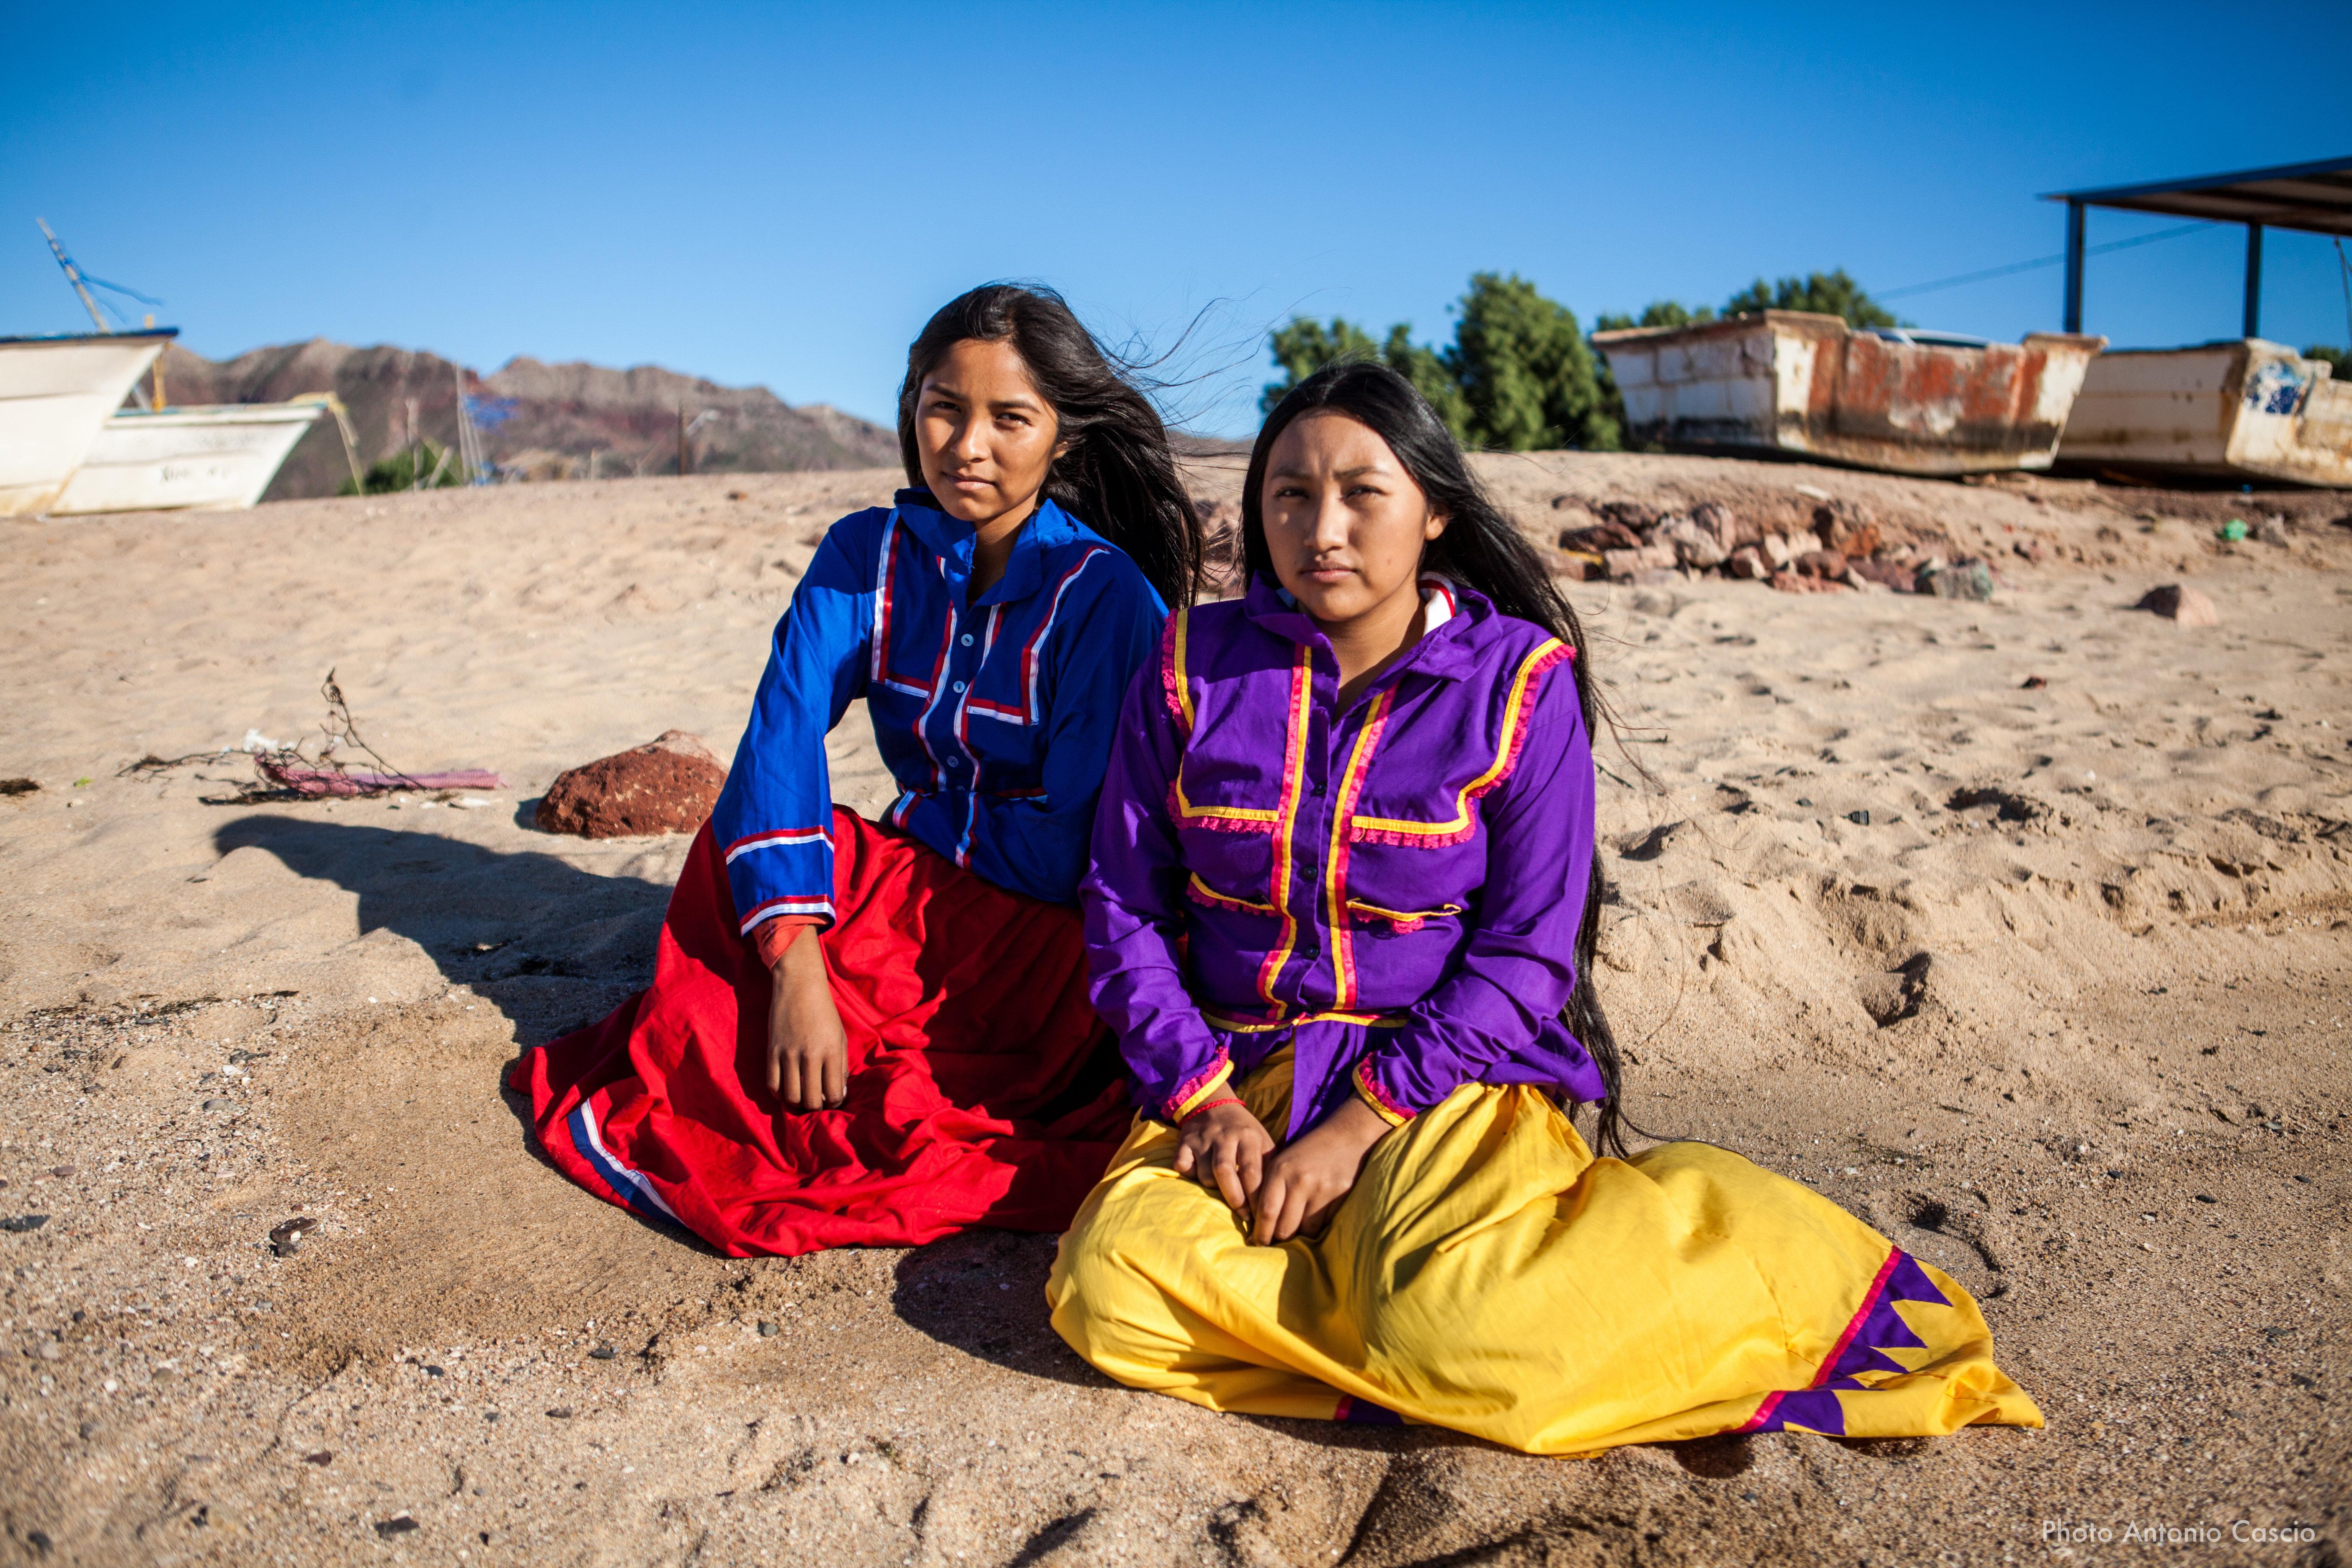 Donne indigene con vestiti tradizionali. Punta Chueca, Sonora. Mexico. 10/12/2019